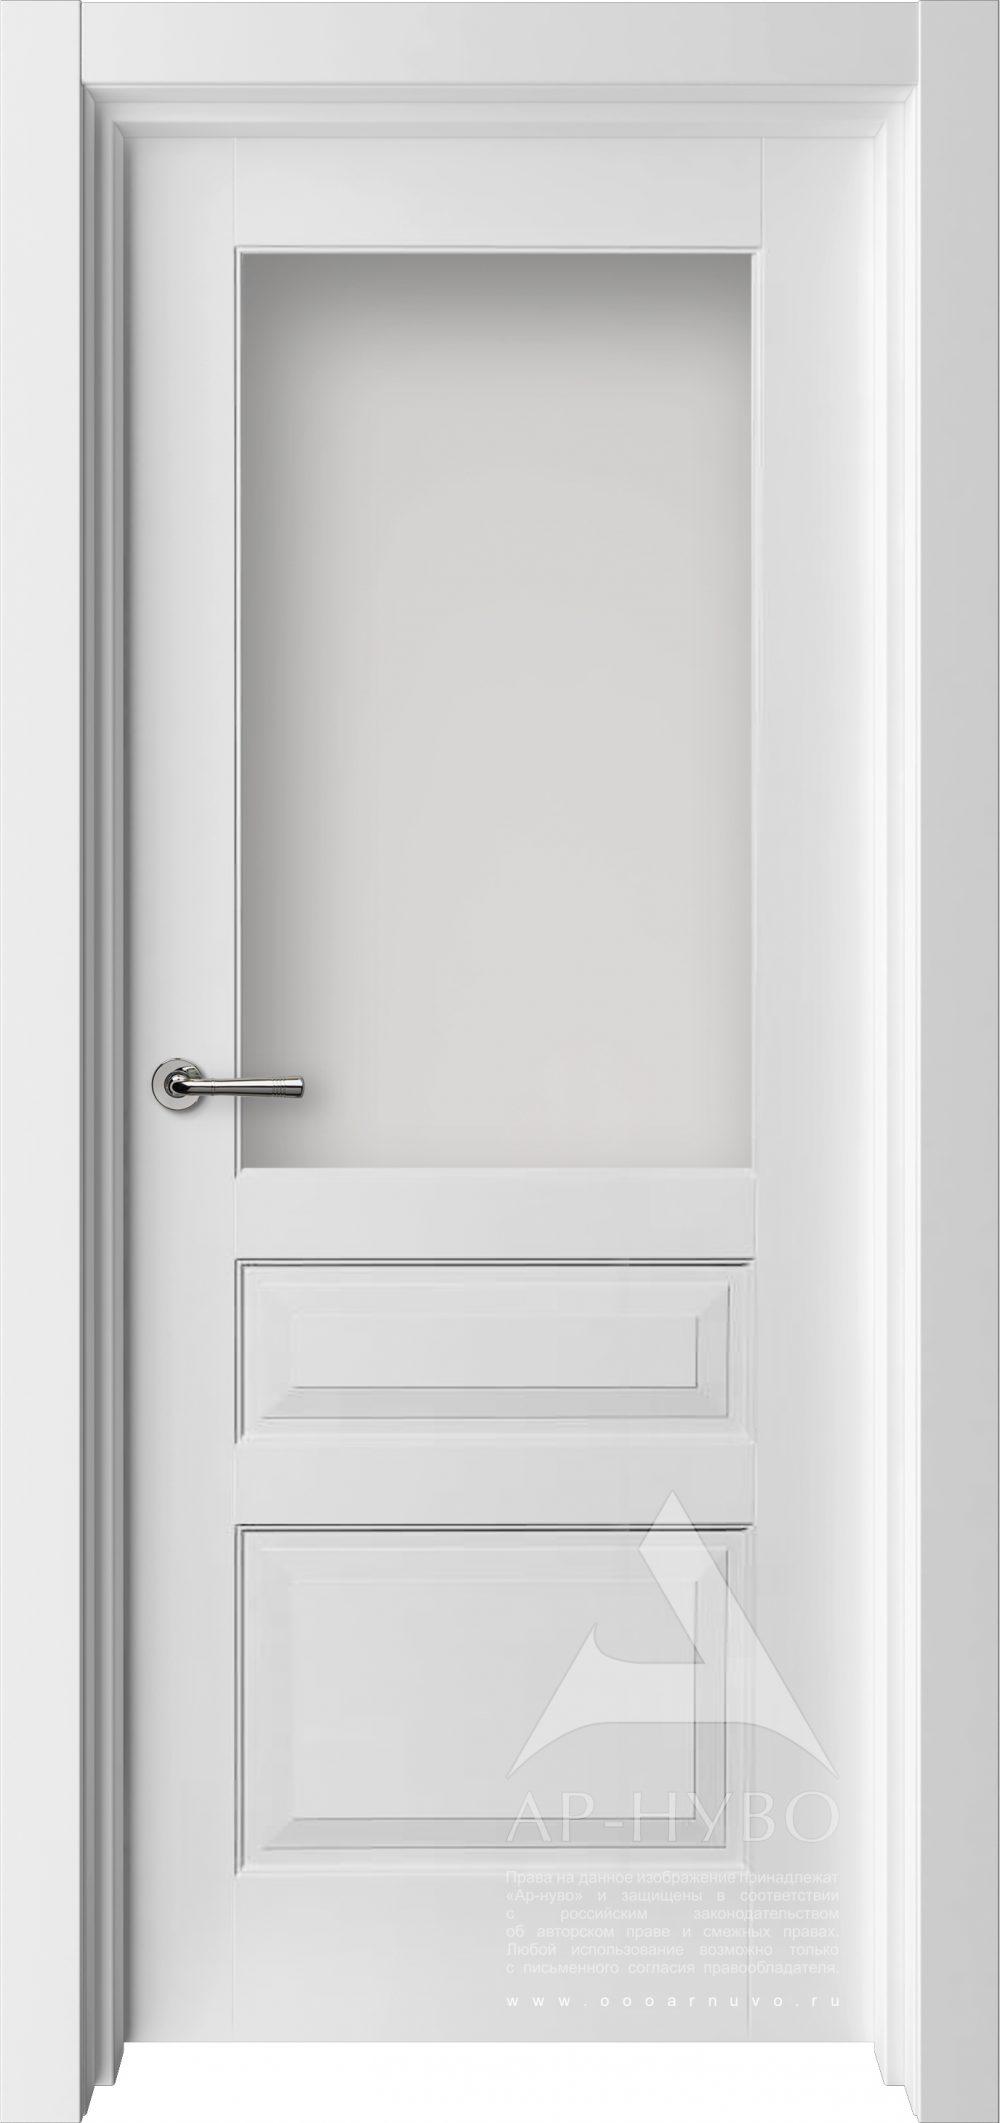 белая межкомнатная дверь со стеклом непрозрачным